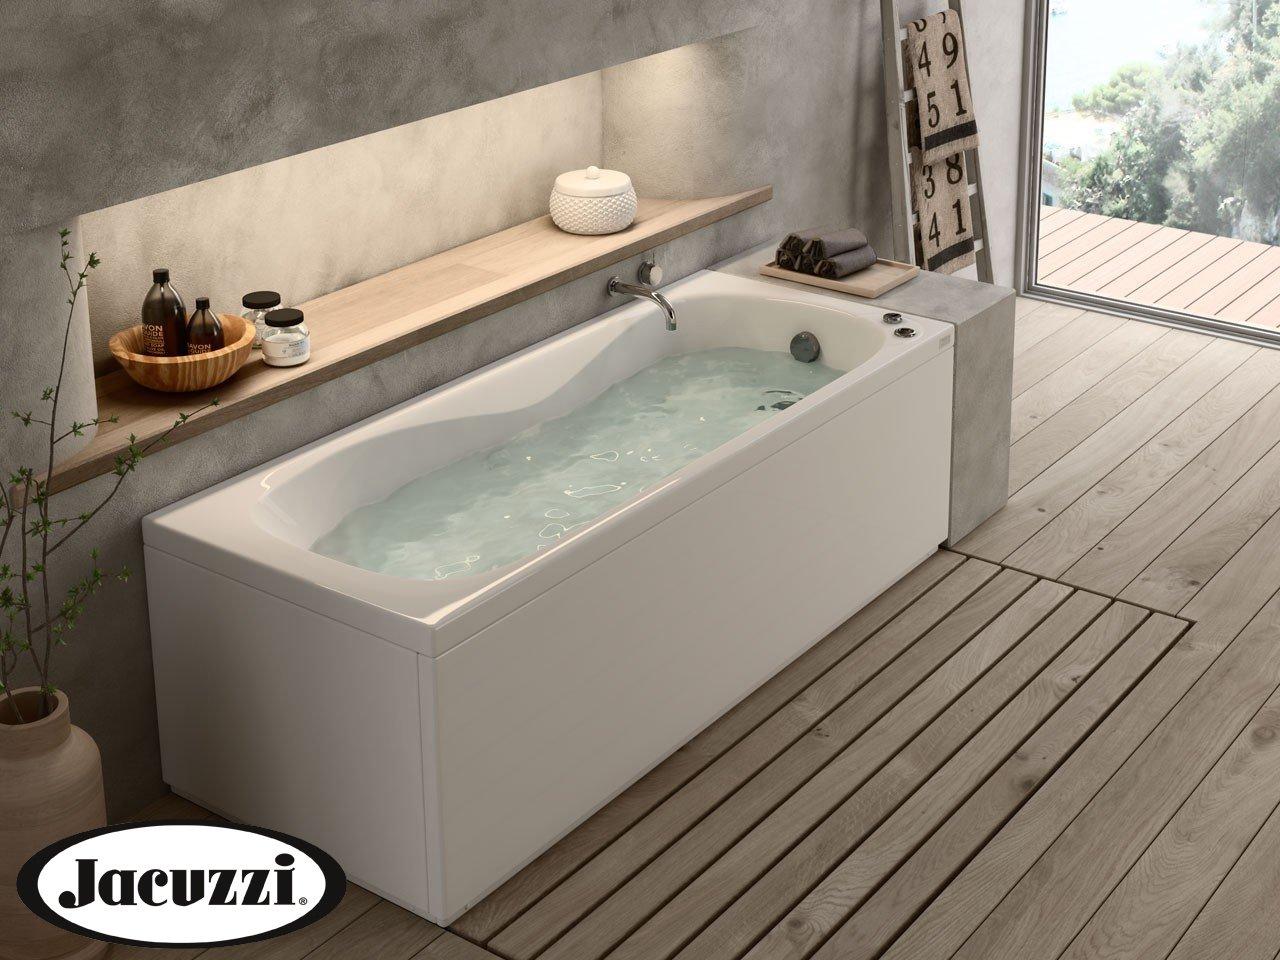 Vasca Da Bagno Classica Prezzi : Misure vasca da bagno prezzi vasca idromassaggio sokolvineyard